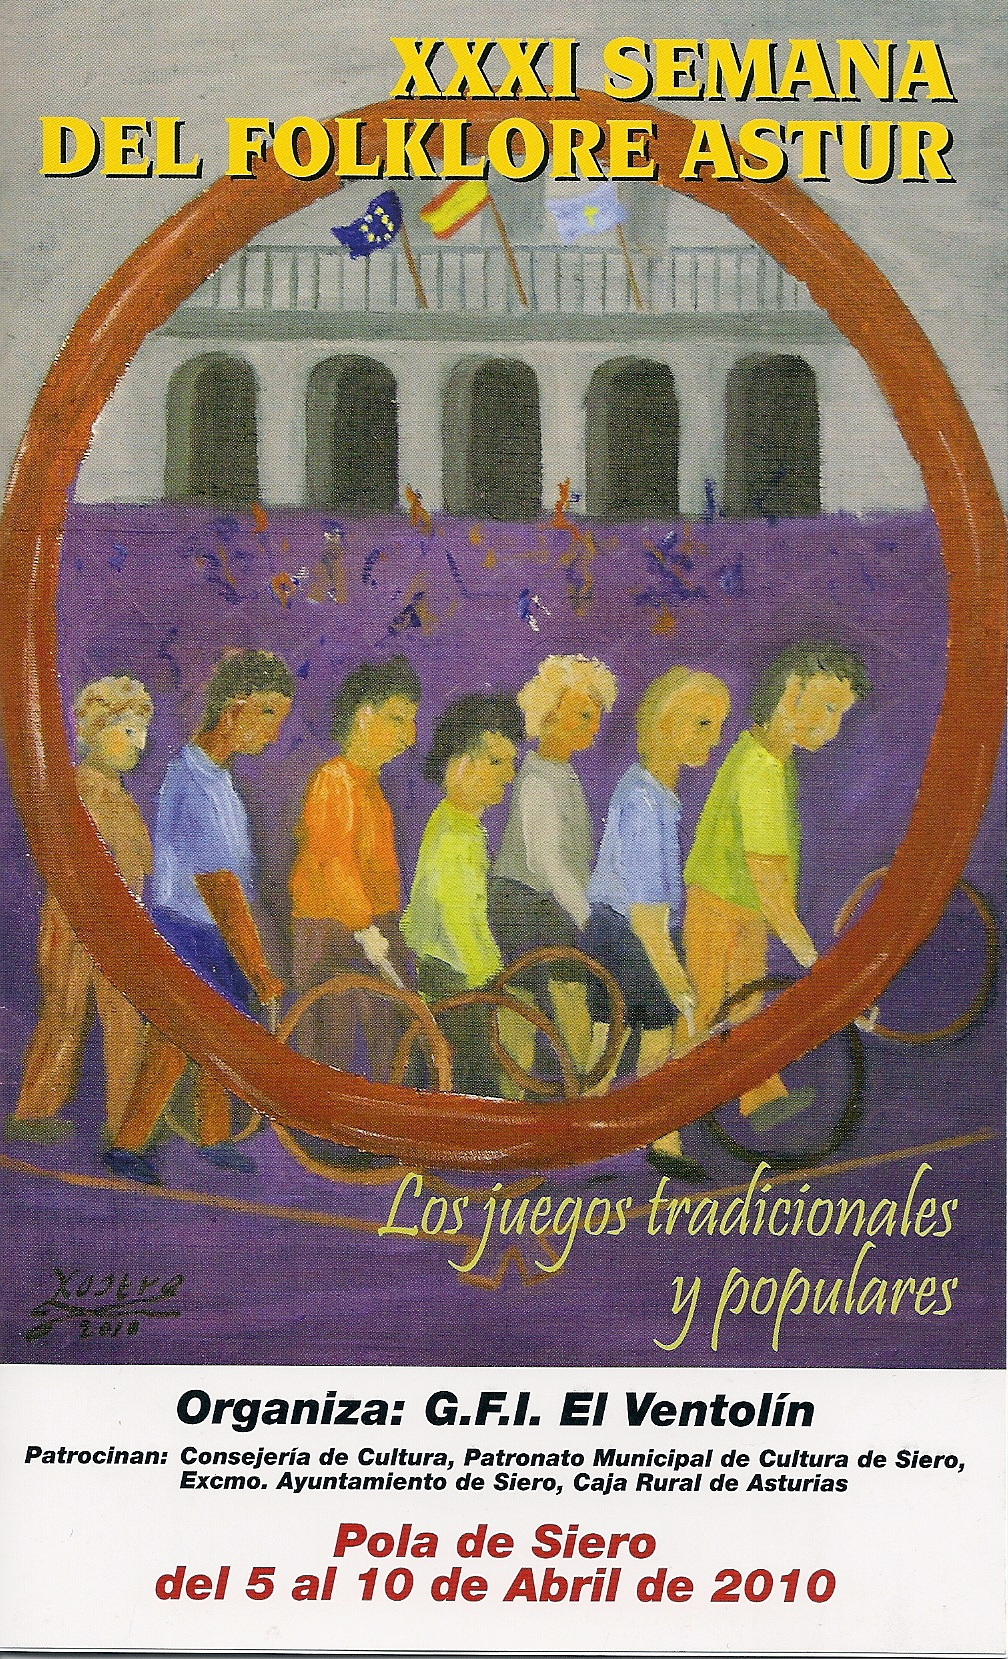 2010-los-xuegos-tradicionales-y-populares